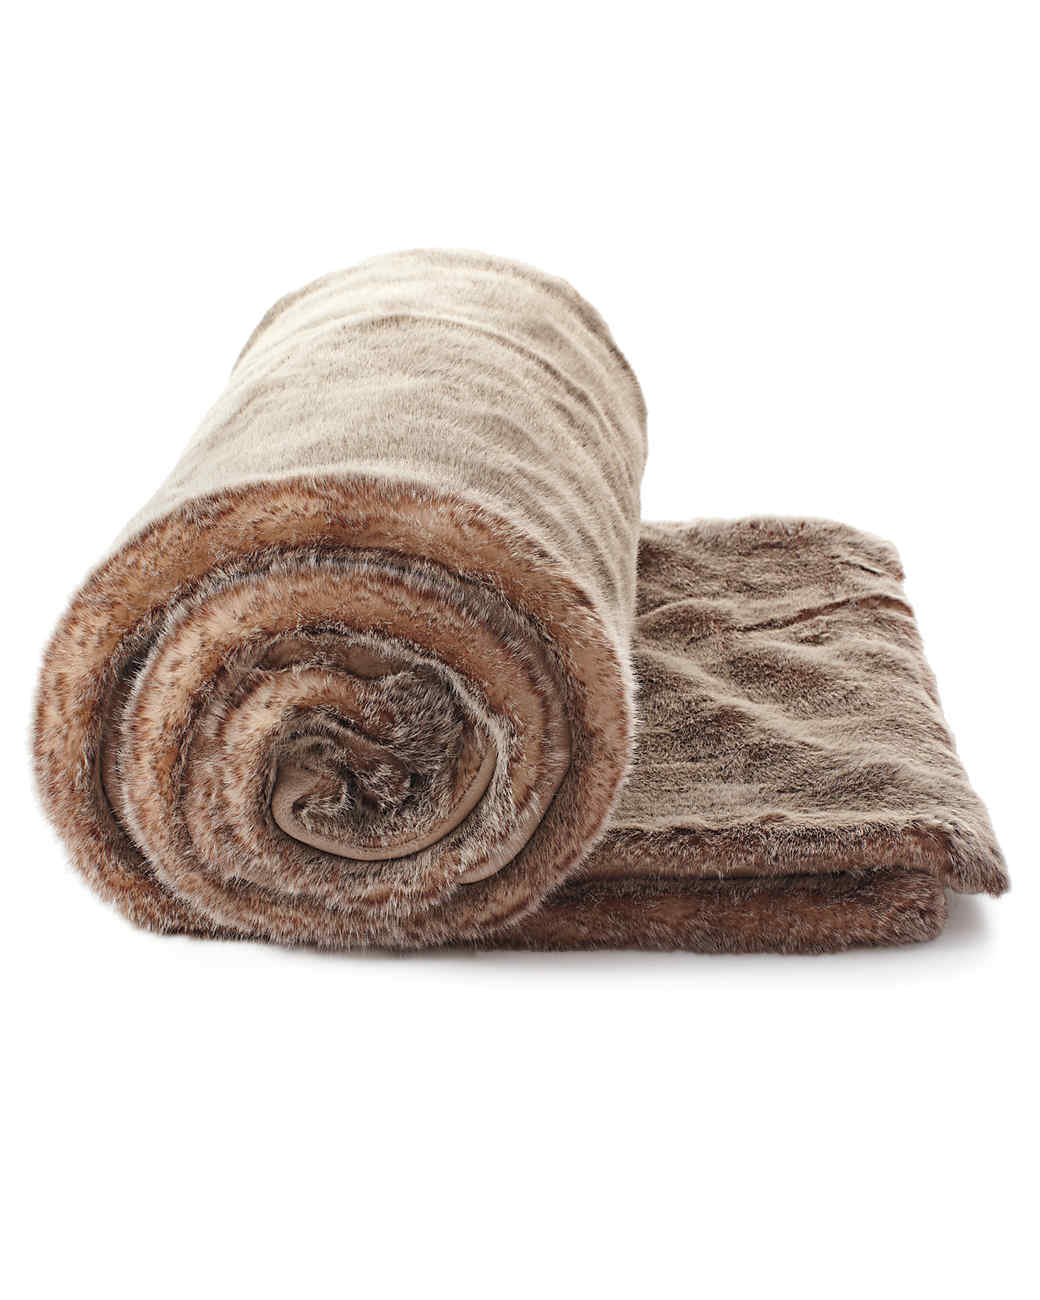 blanket-mld108084.jpg